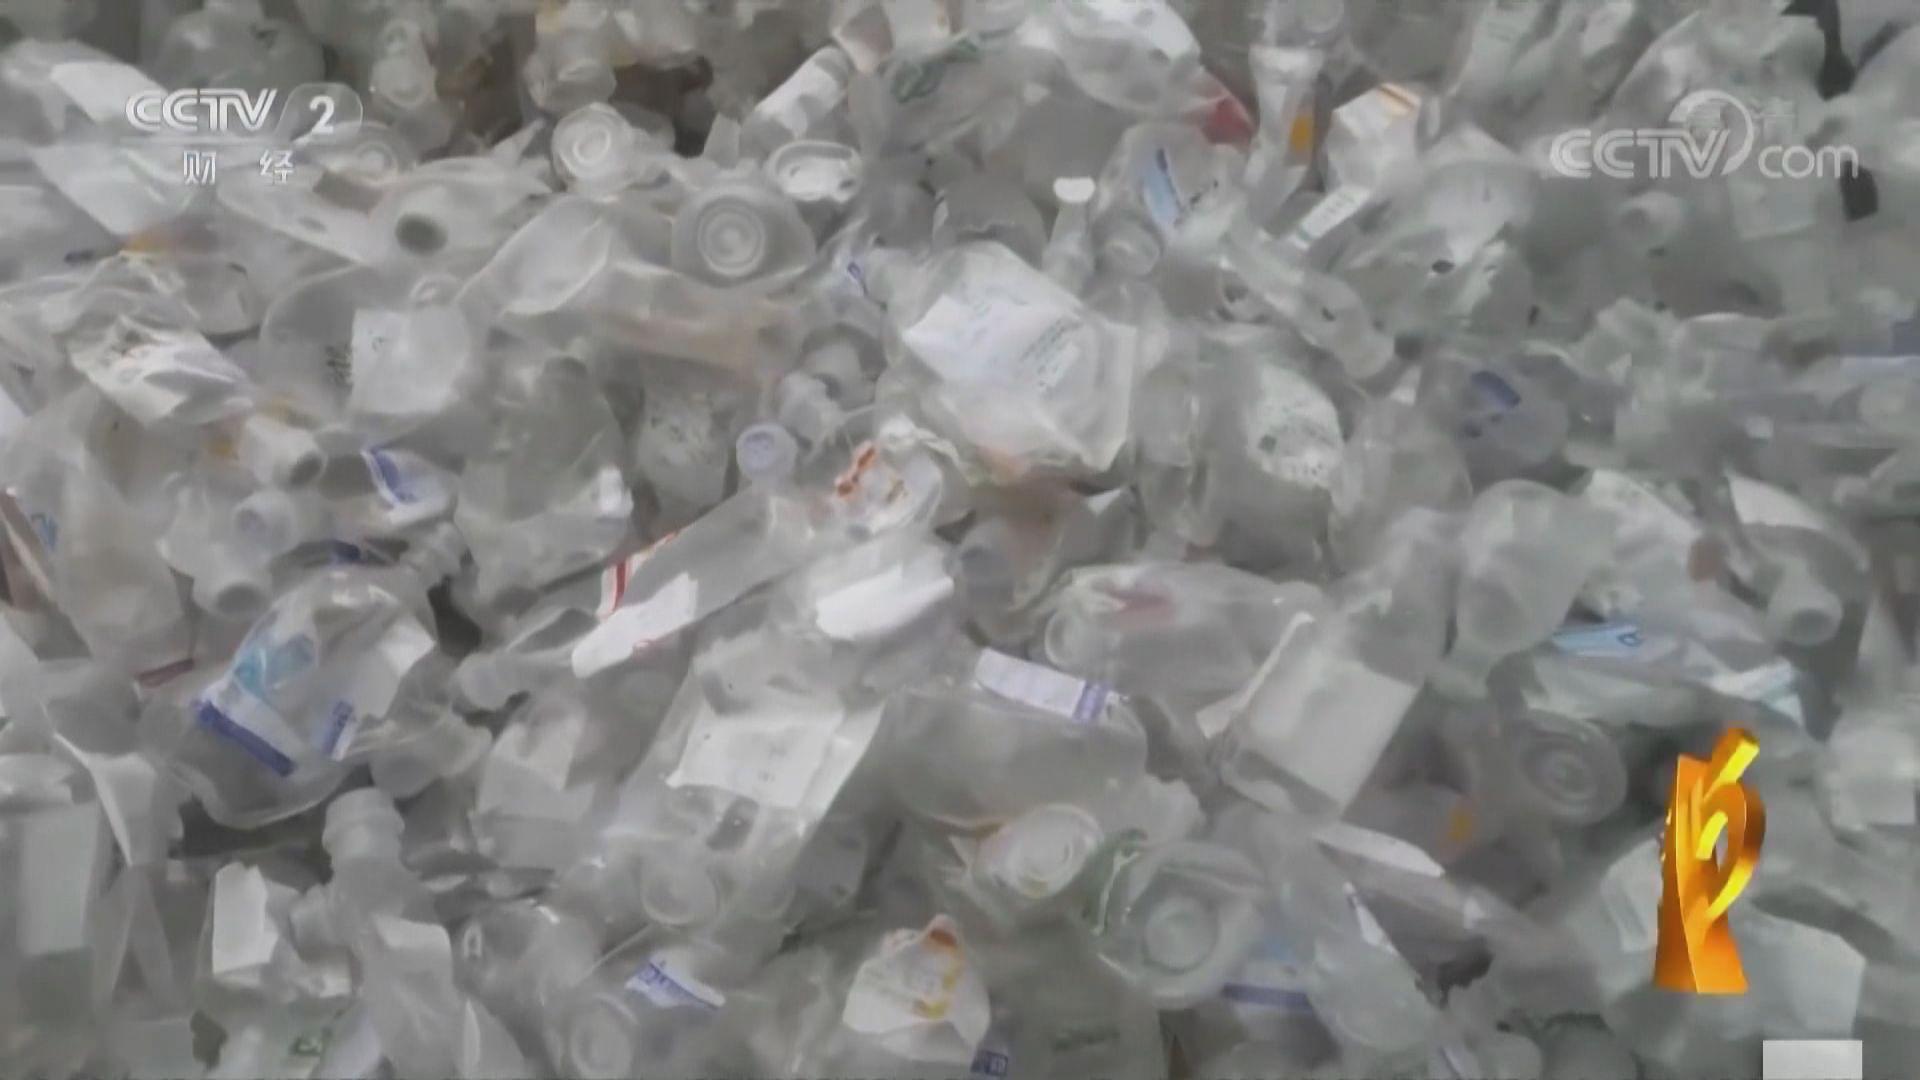 內地不法商人利用醫療廢物加工成日用品